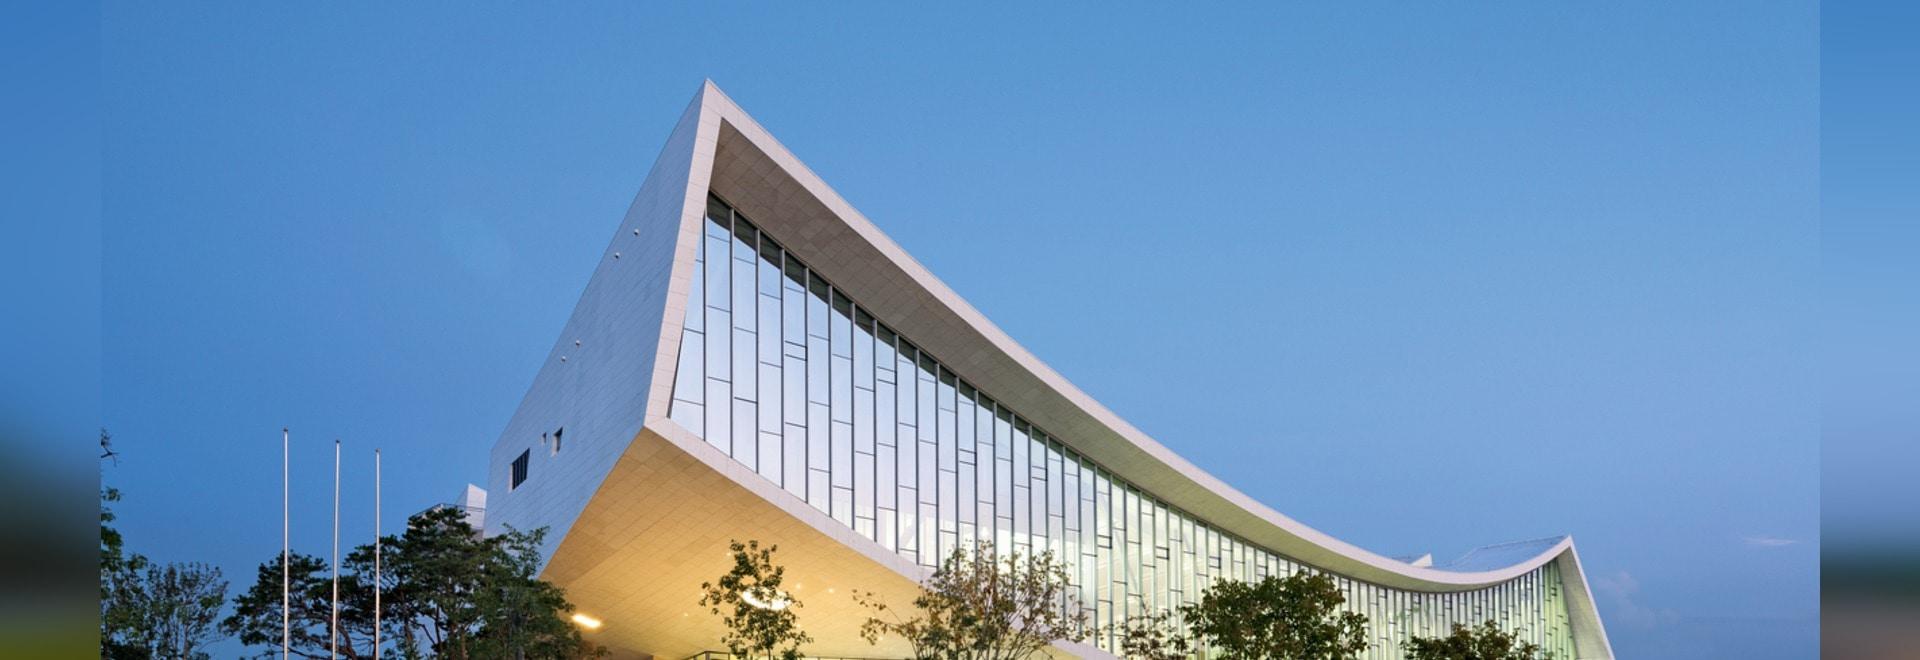 Biblioteca nacional de la ciudad de Sejong